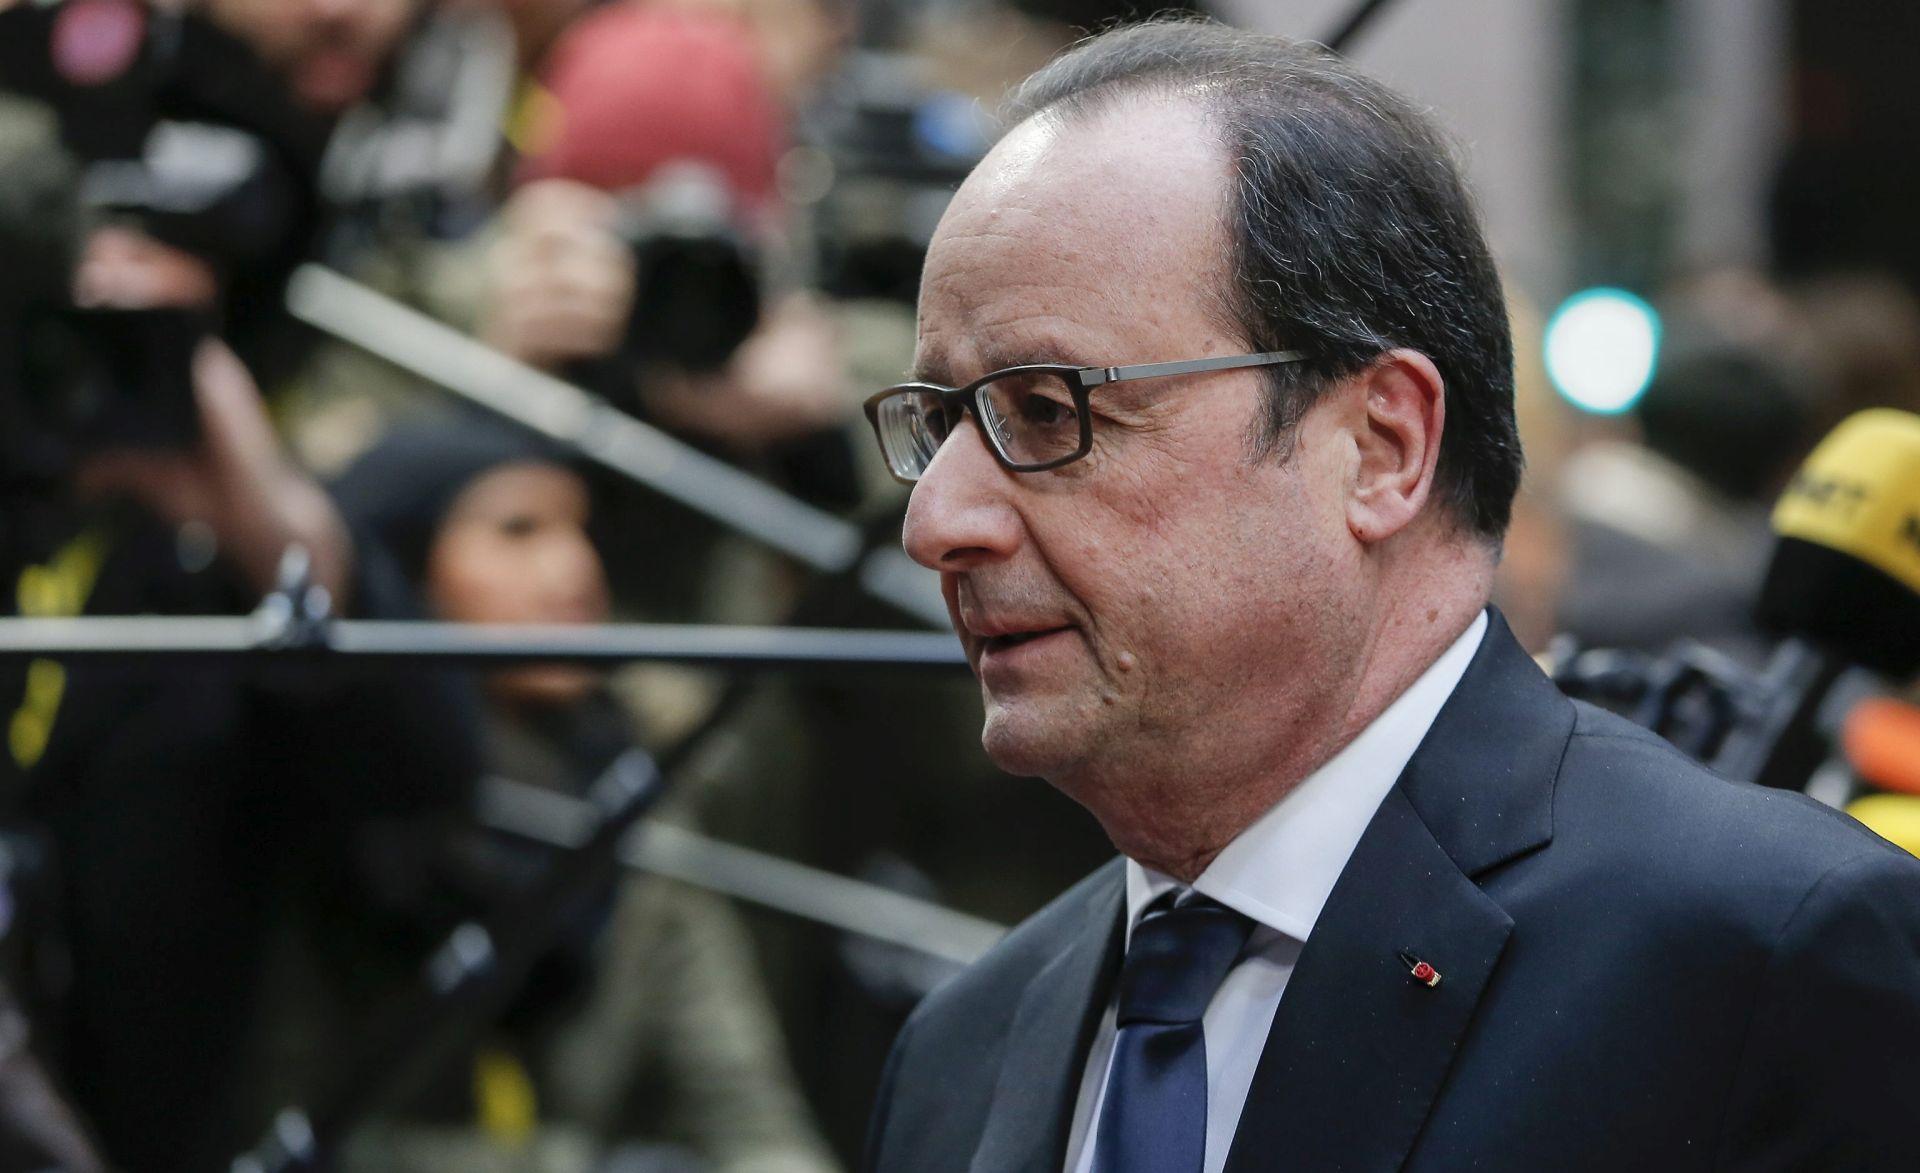 BREXIT Hollande: Dogovor je moguć, ali ne možemo priječiti napredovanje Europe